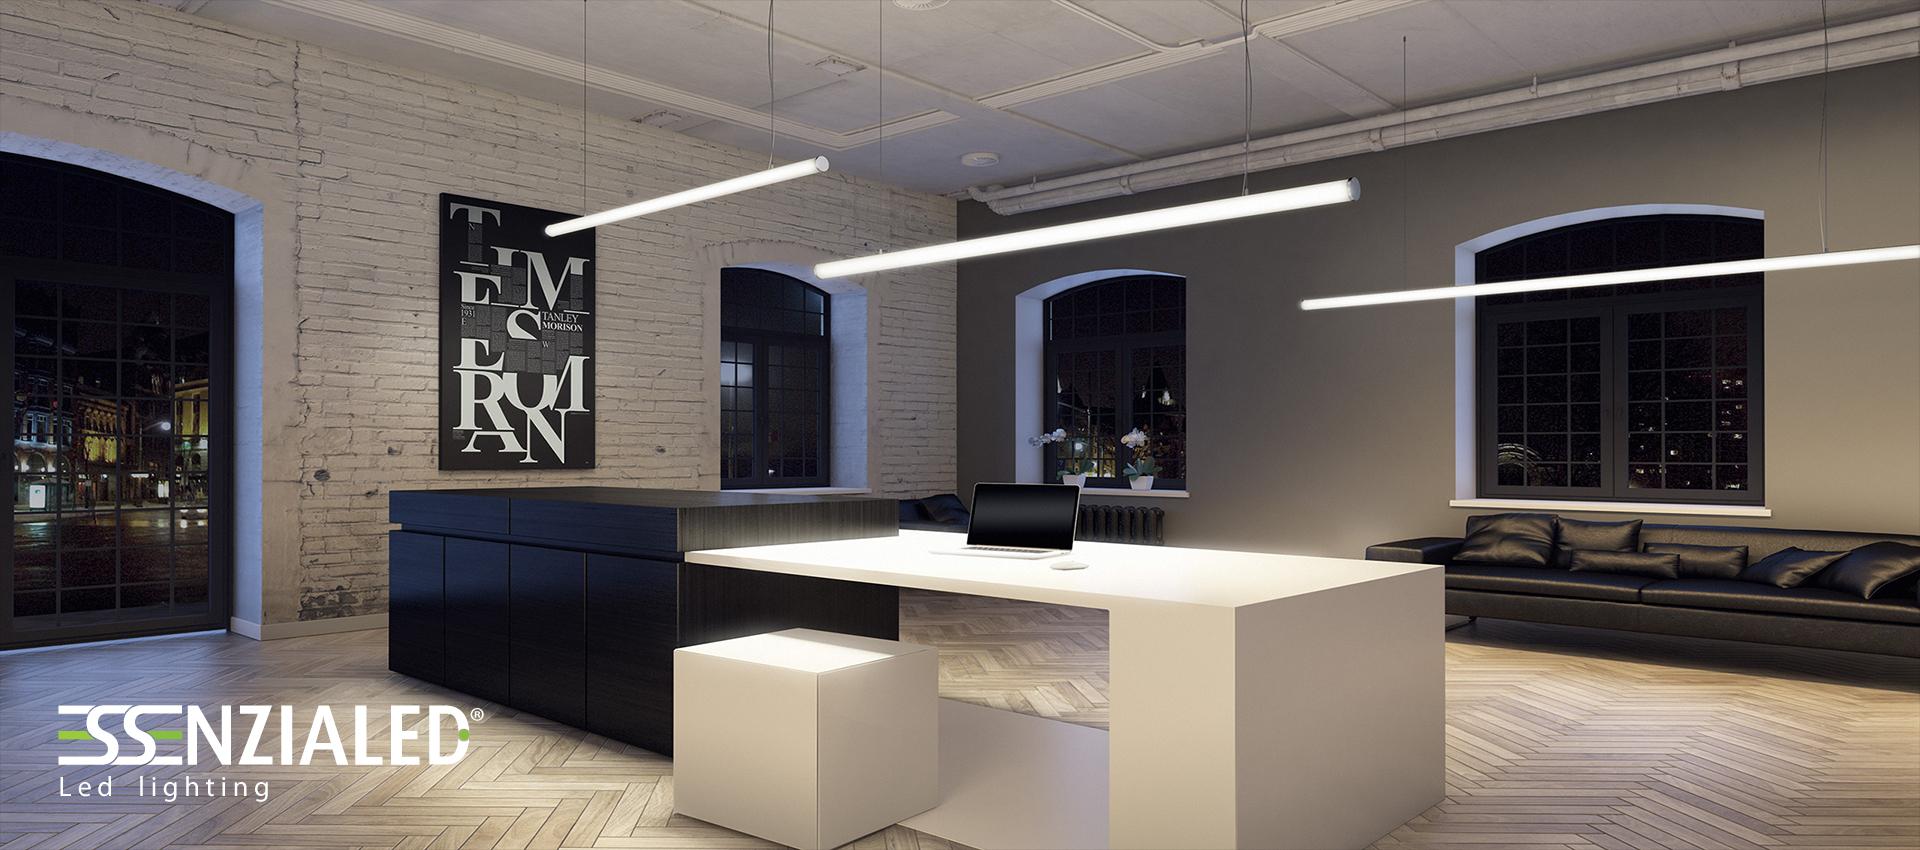 Illuminazione led per ufficio prodotti made in italy su for Lampada ufficio design